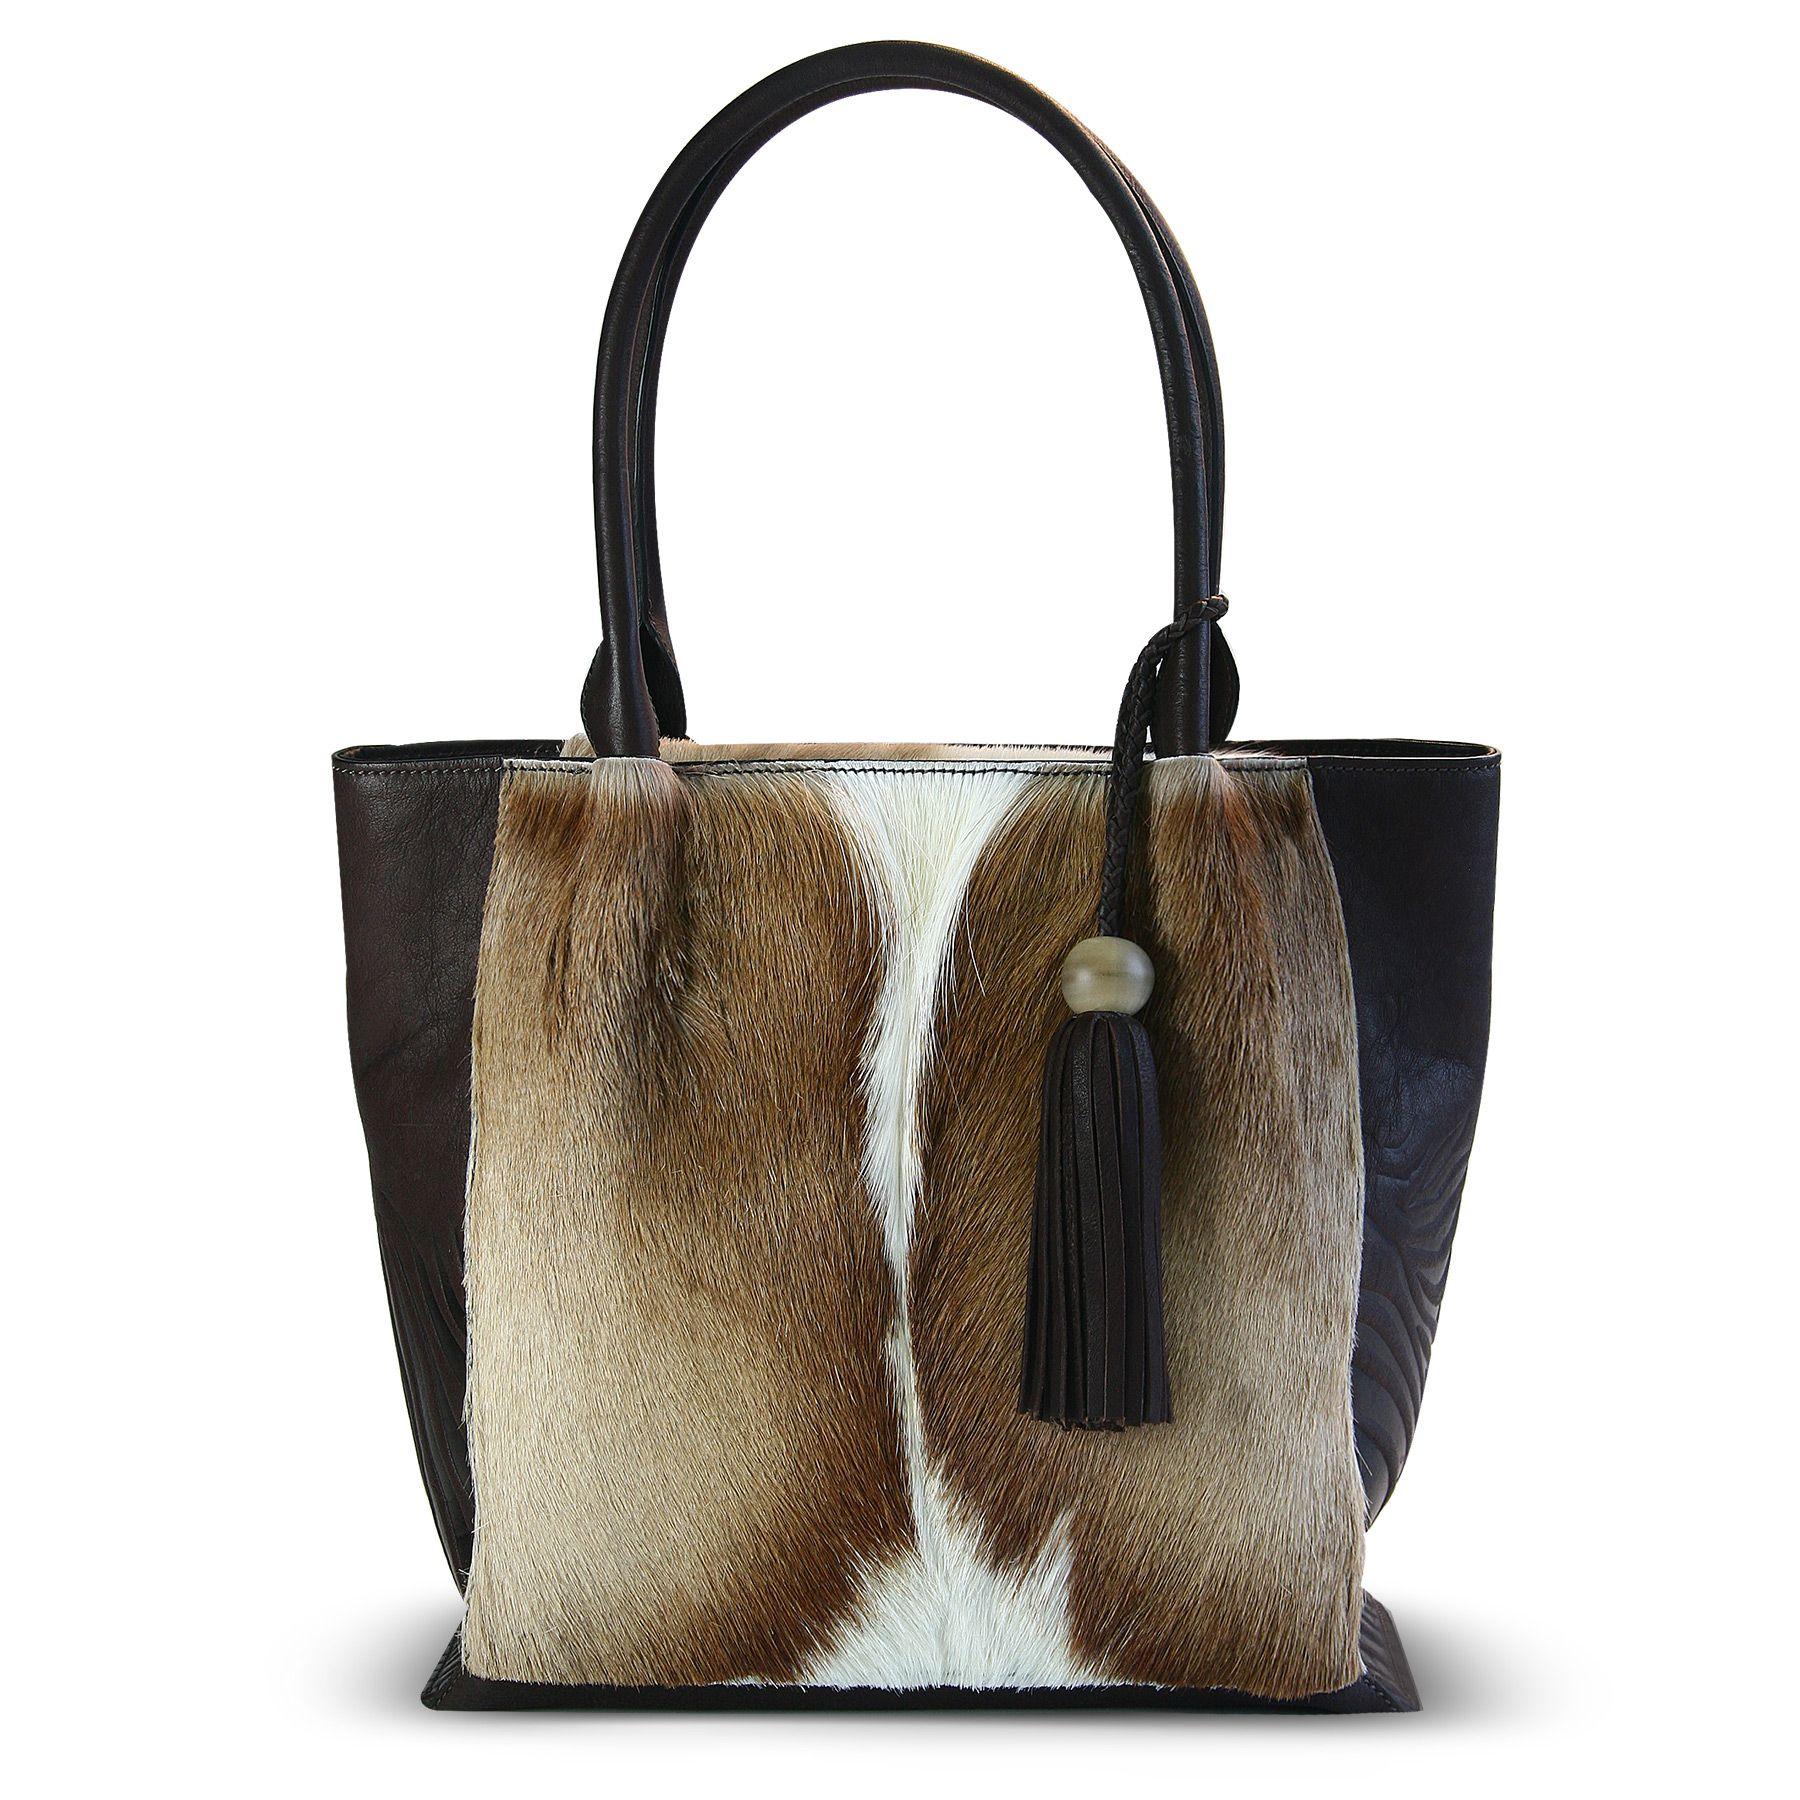 25a8901db6 genuine Springbok leather handbag